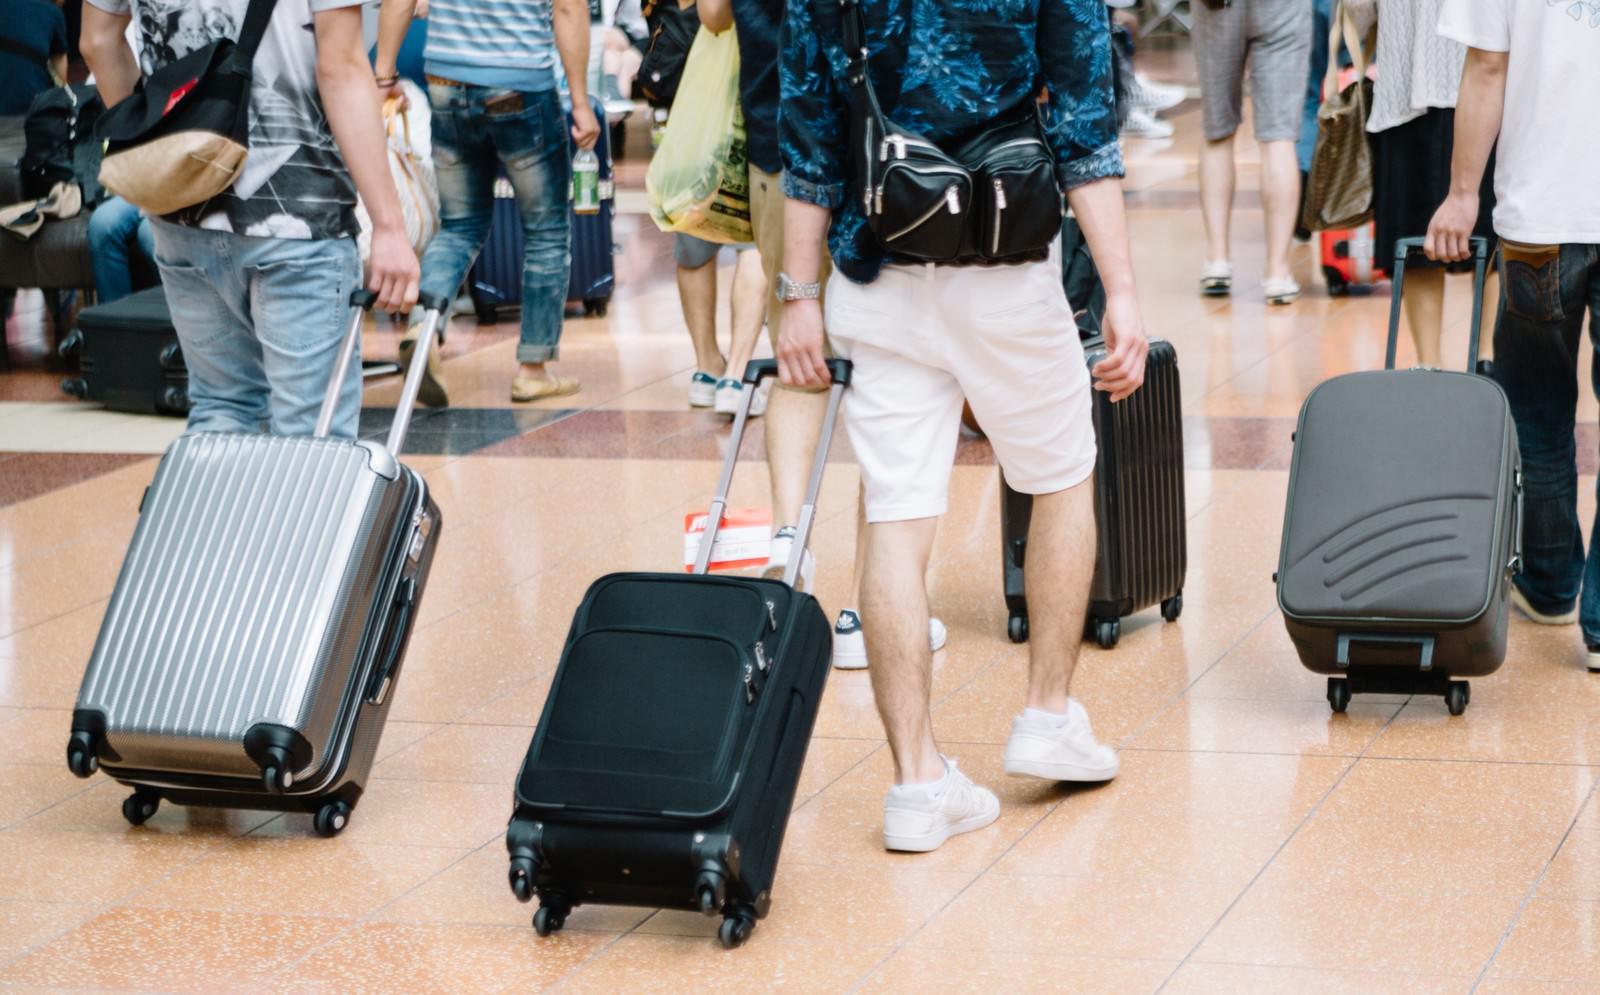 「空港でキャリーバッグを持った観光客」の写真